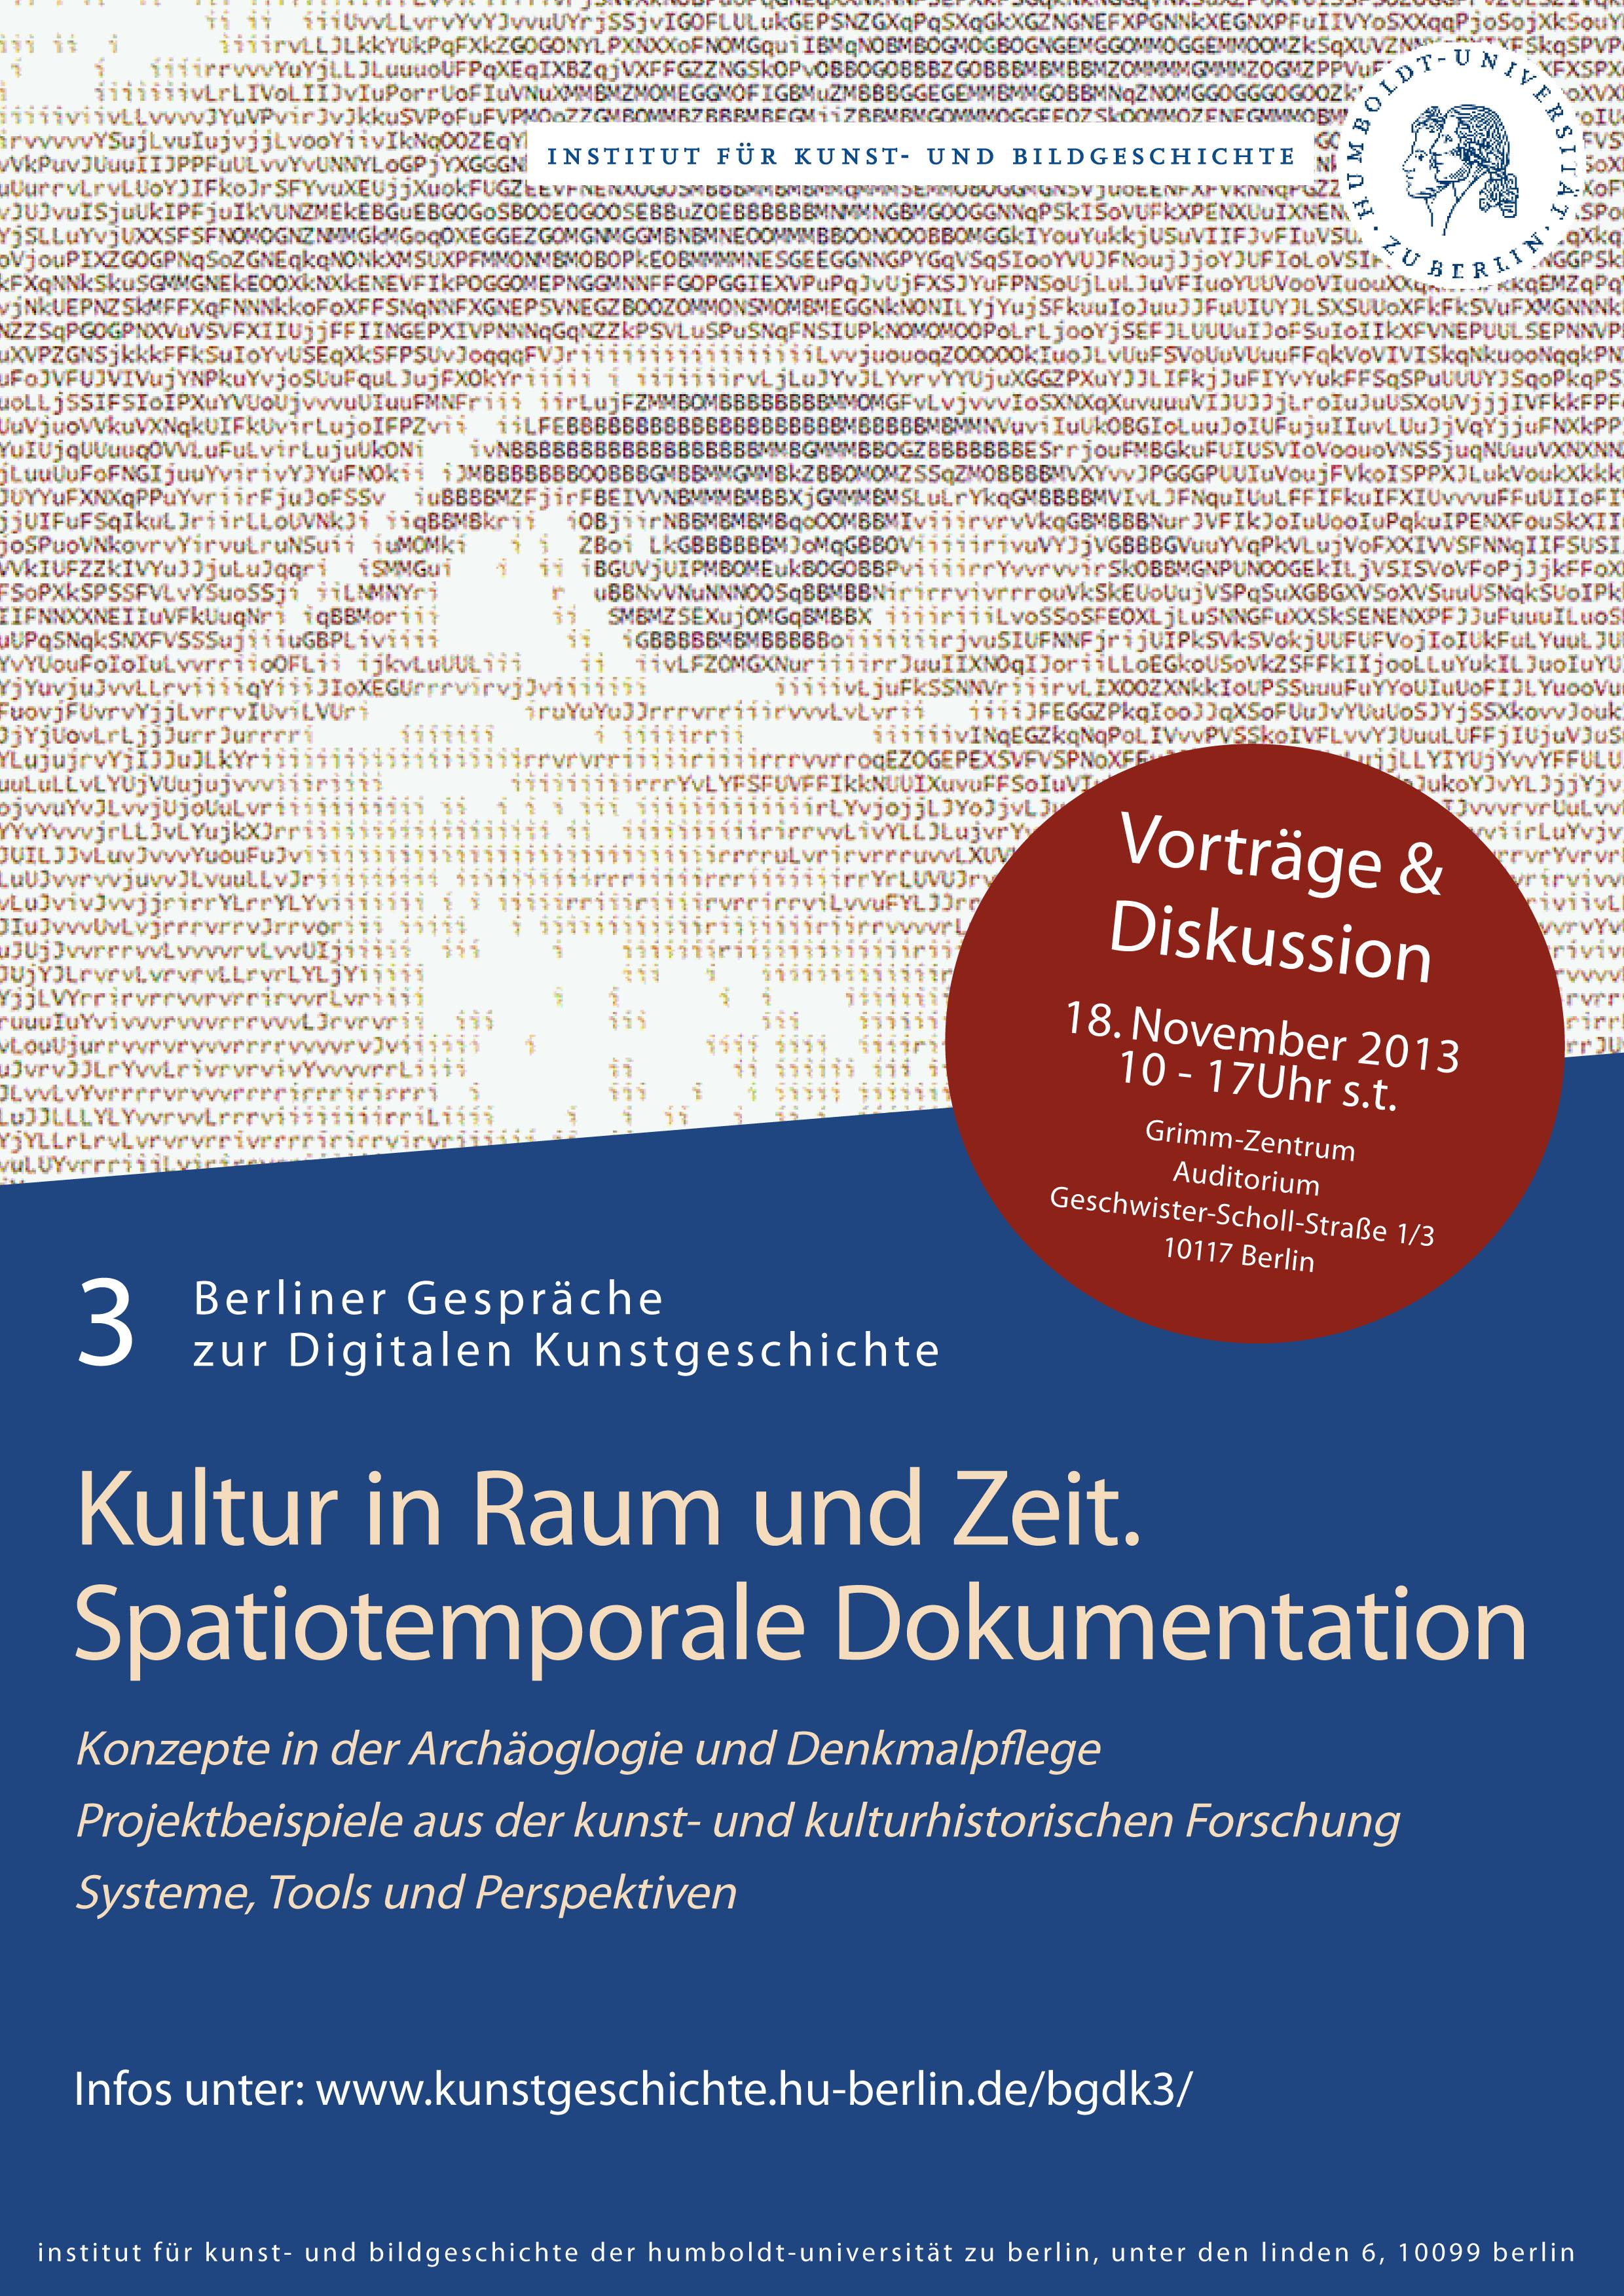 Plakat BGDK3